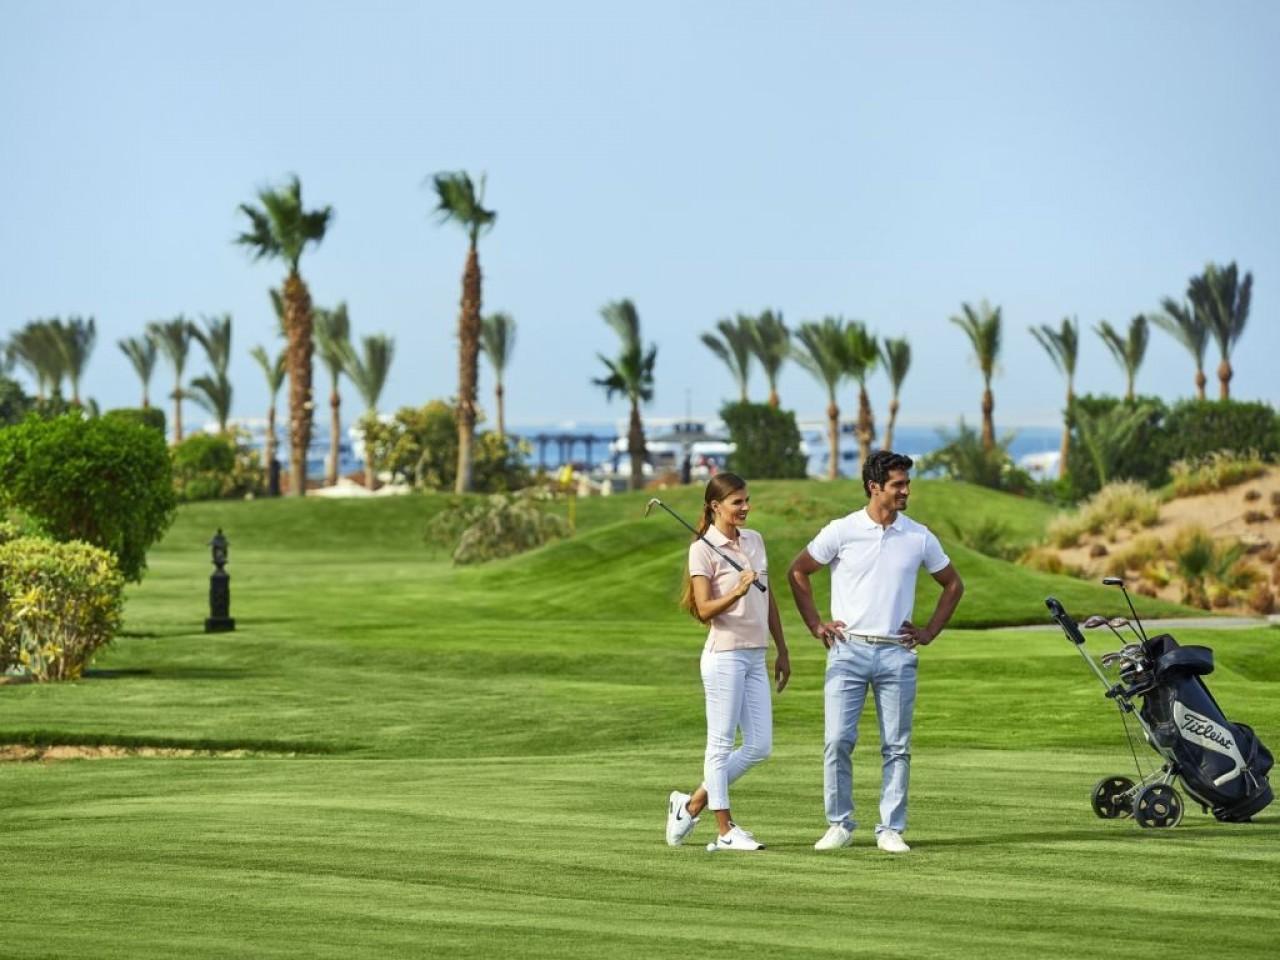 STEIGENBERGER ALDAU BEACH HOTEL, Hurghada, Egypt